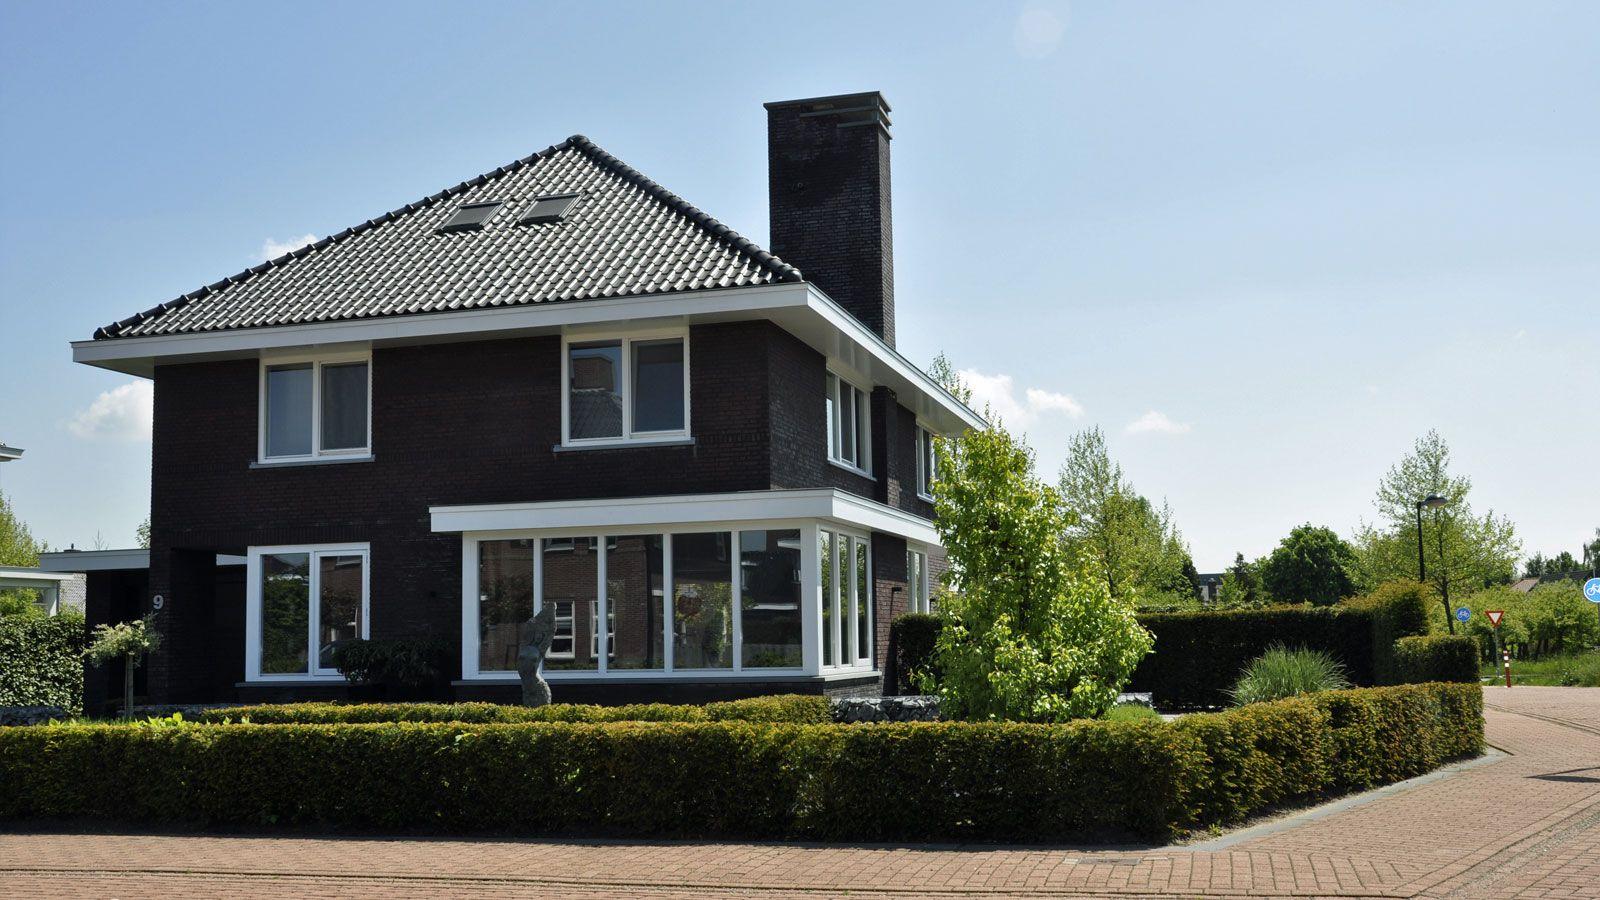 Dak spreekt ons aan hele huis ook behalve deze erker en schoorsteen minder mooi woning for Eigentijdse buitenkant